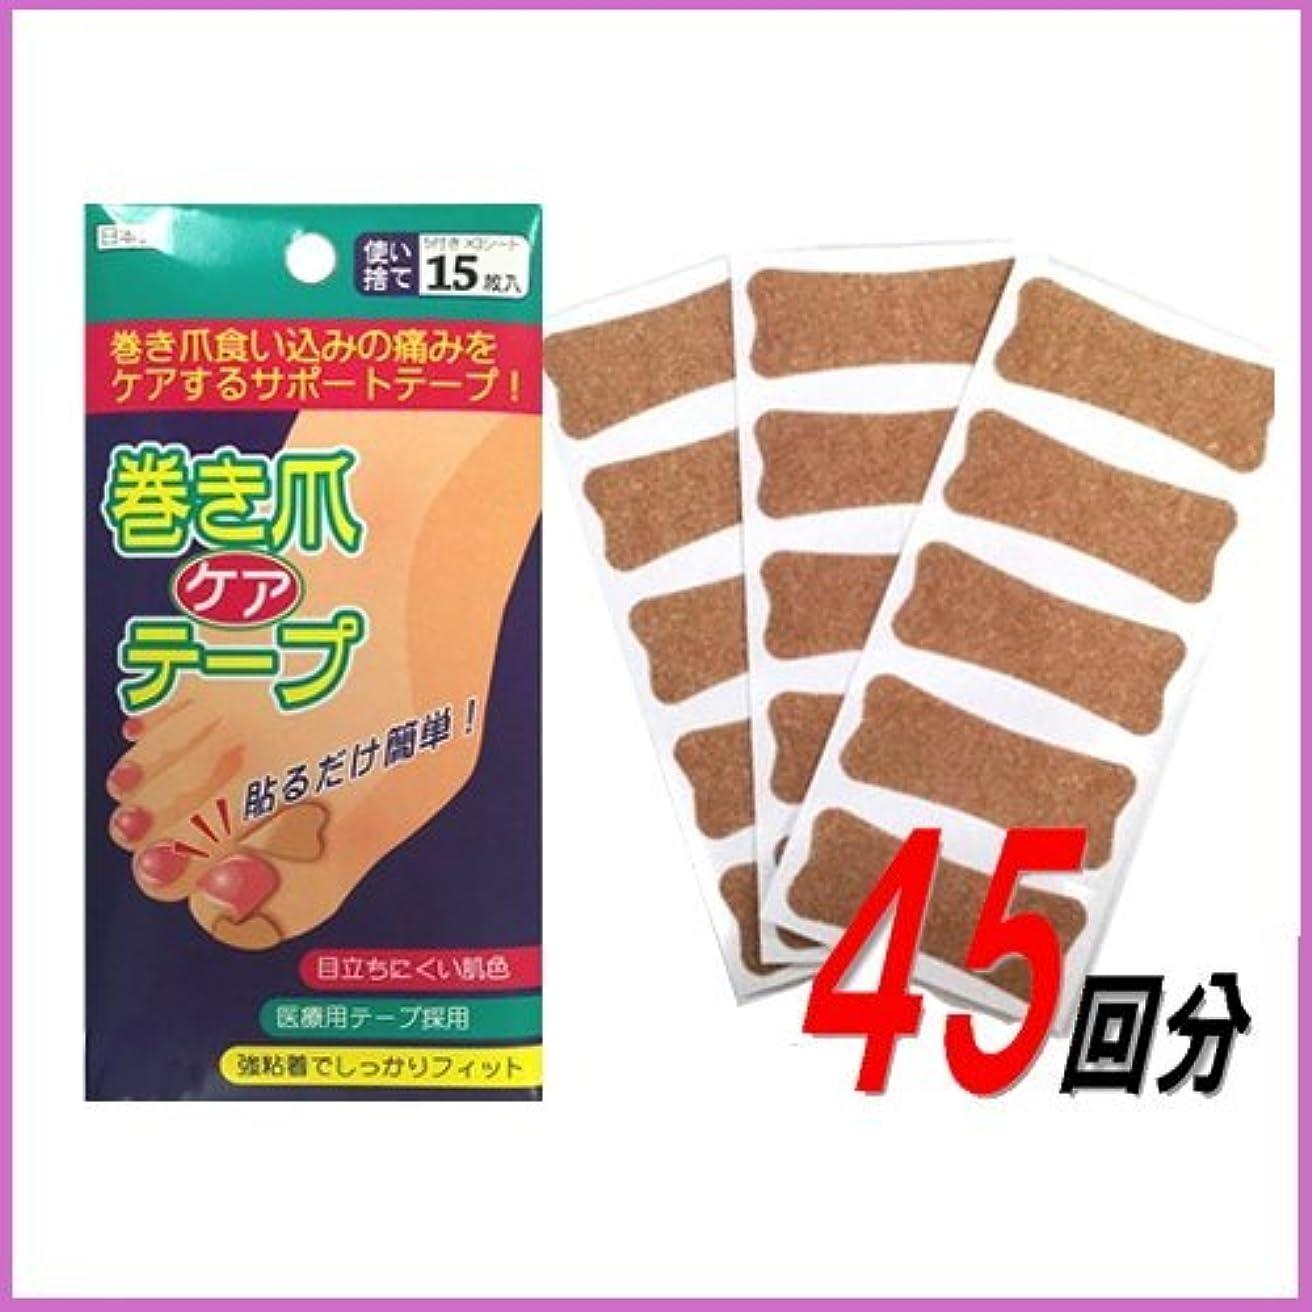 トーナメント初期のセンチメートル巻き爪 テープ 3個セット ブロック ケア テーピング 日本製